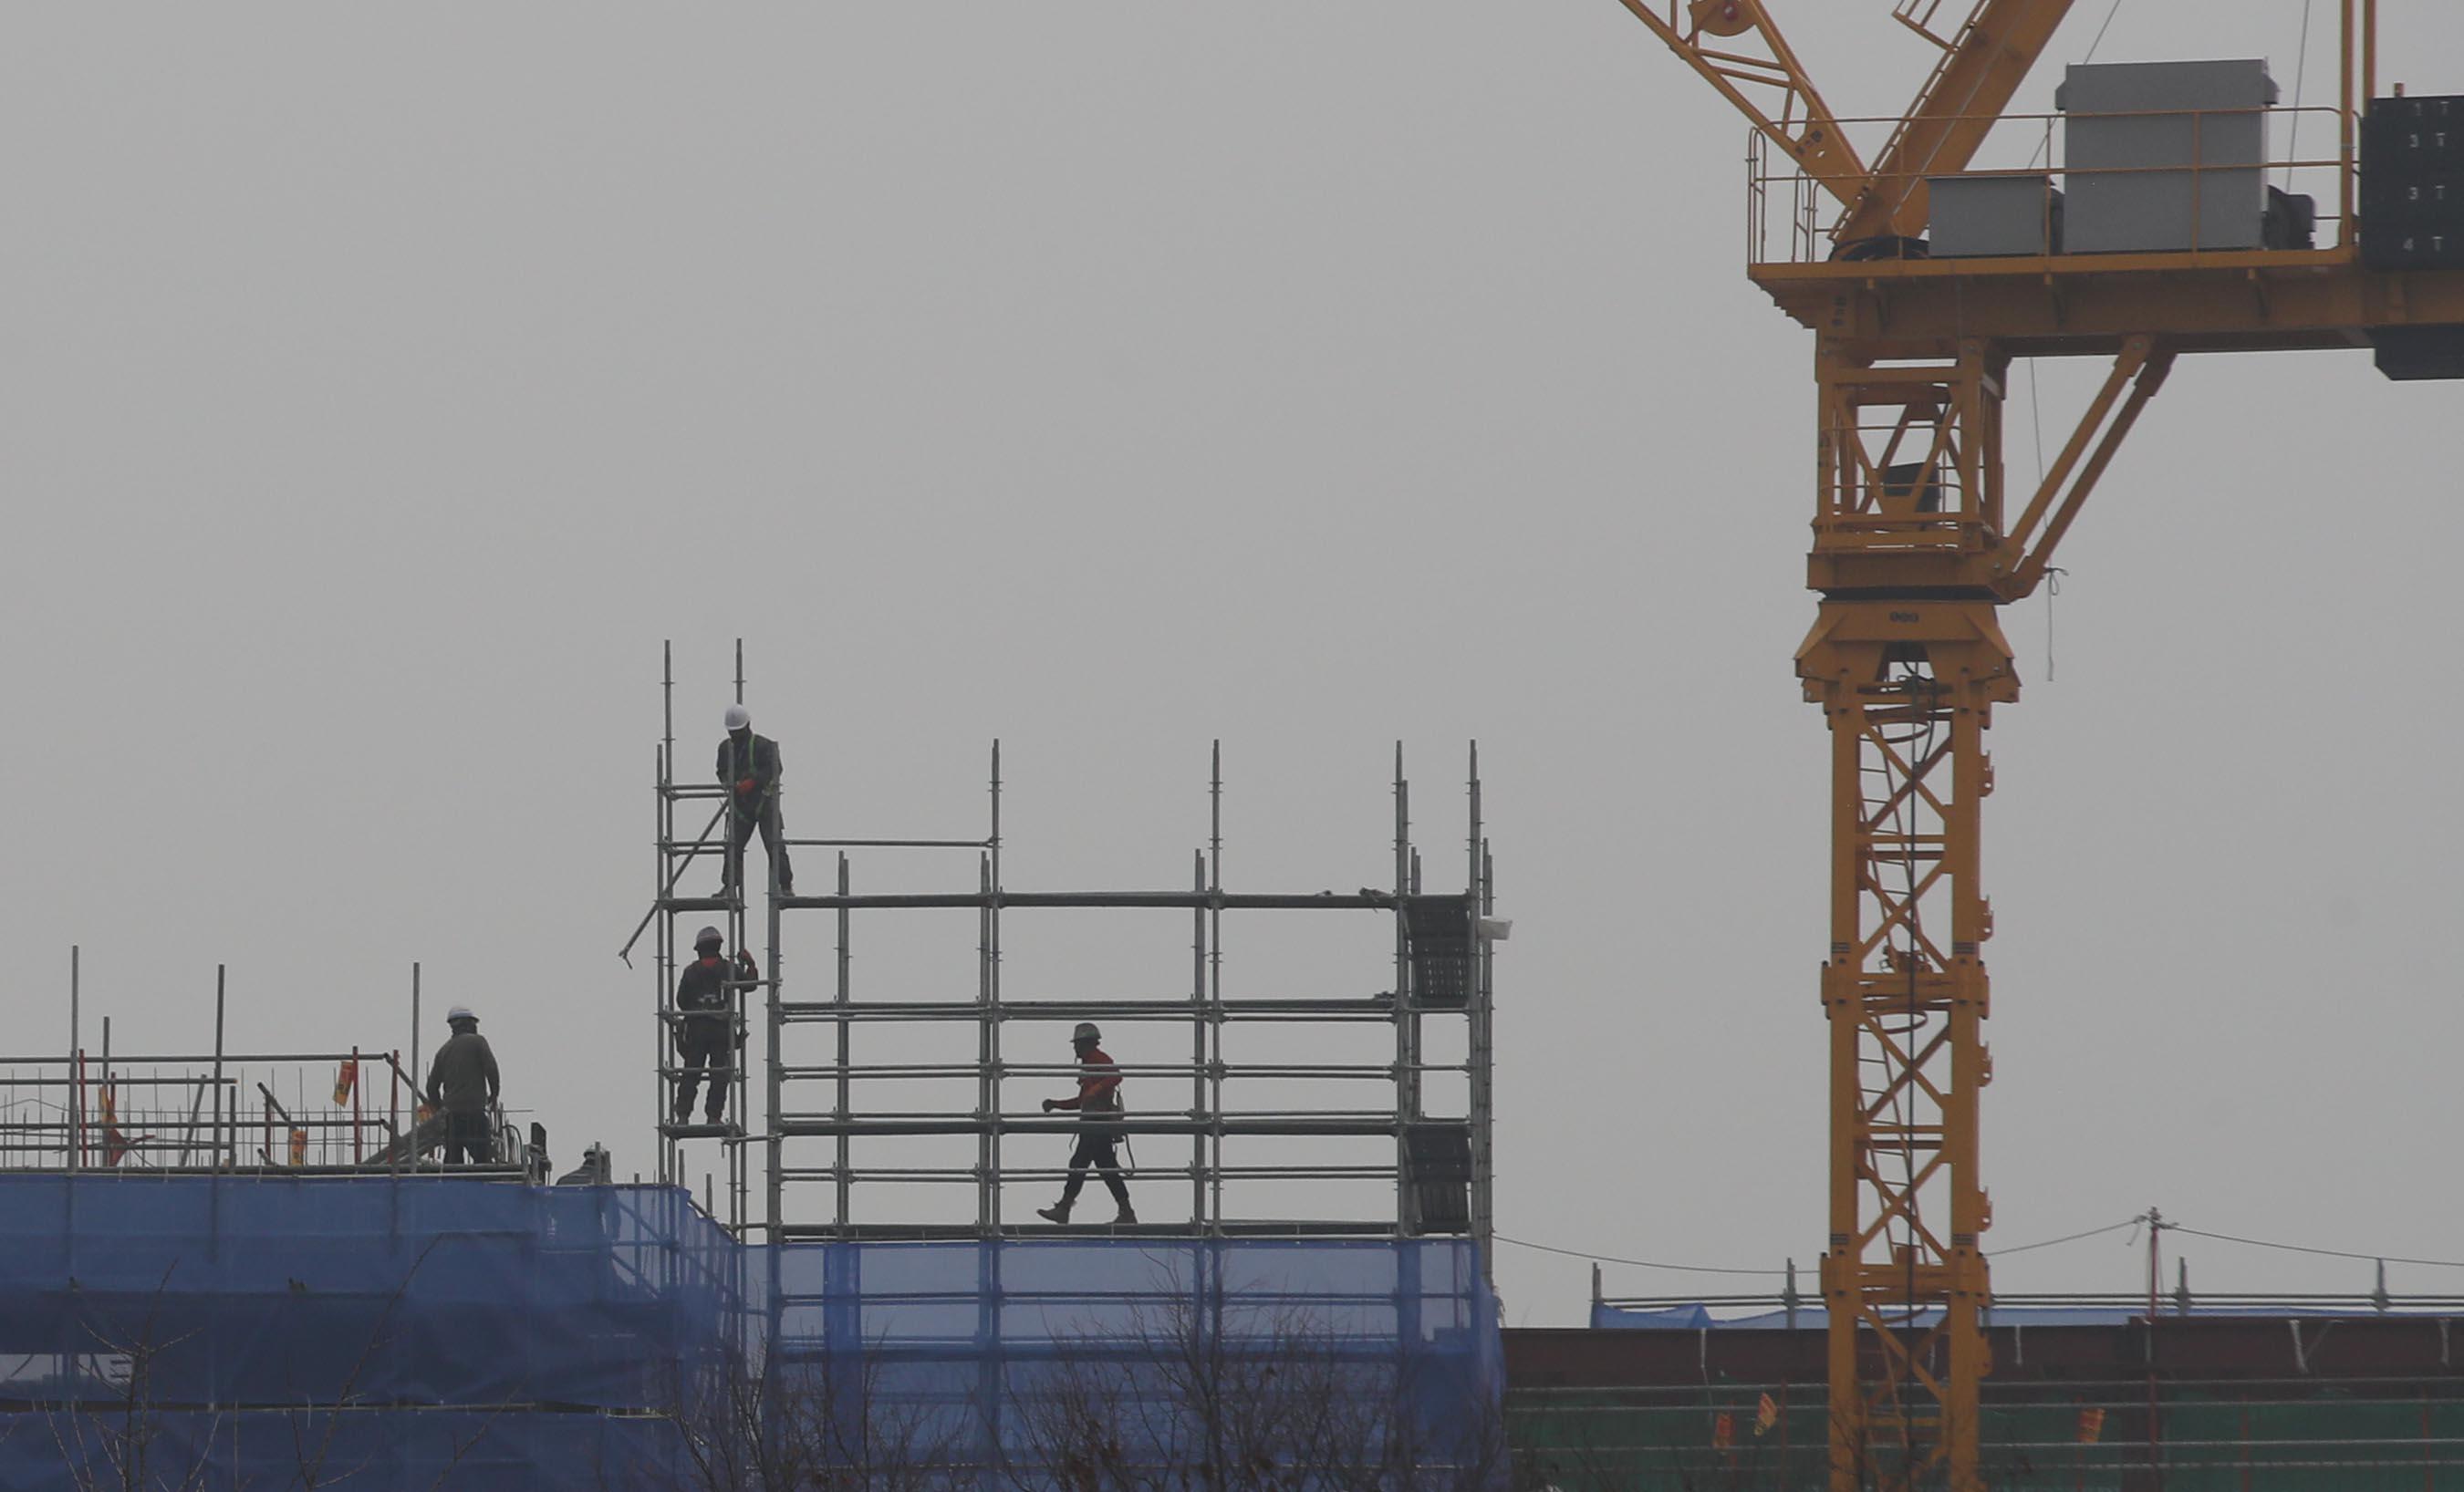 미세먼지 속에서 공사현장에서 인부들이 작업을 하고 있다. 연합뉴스